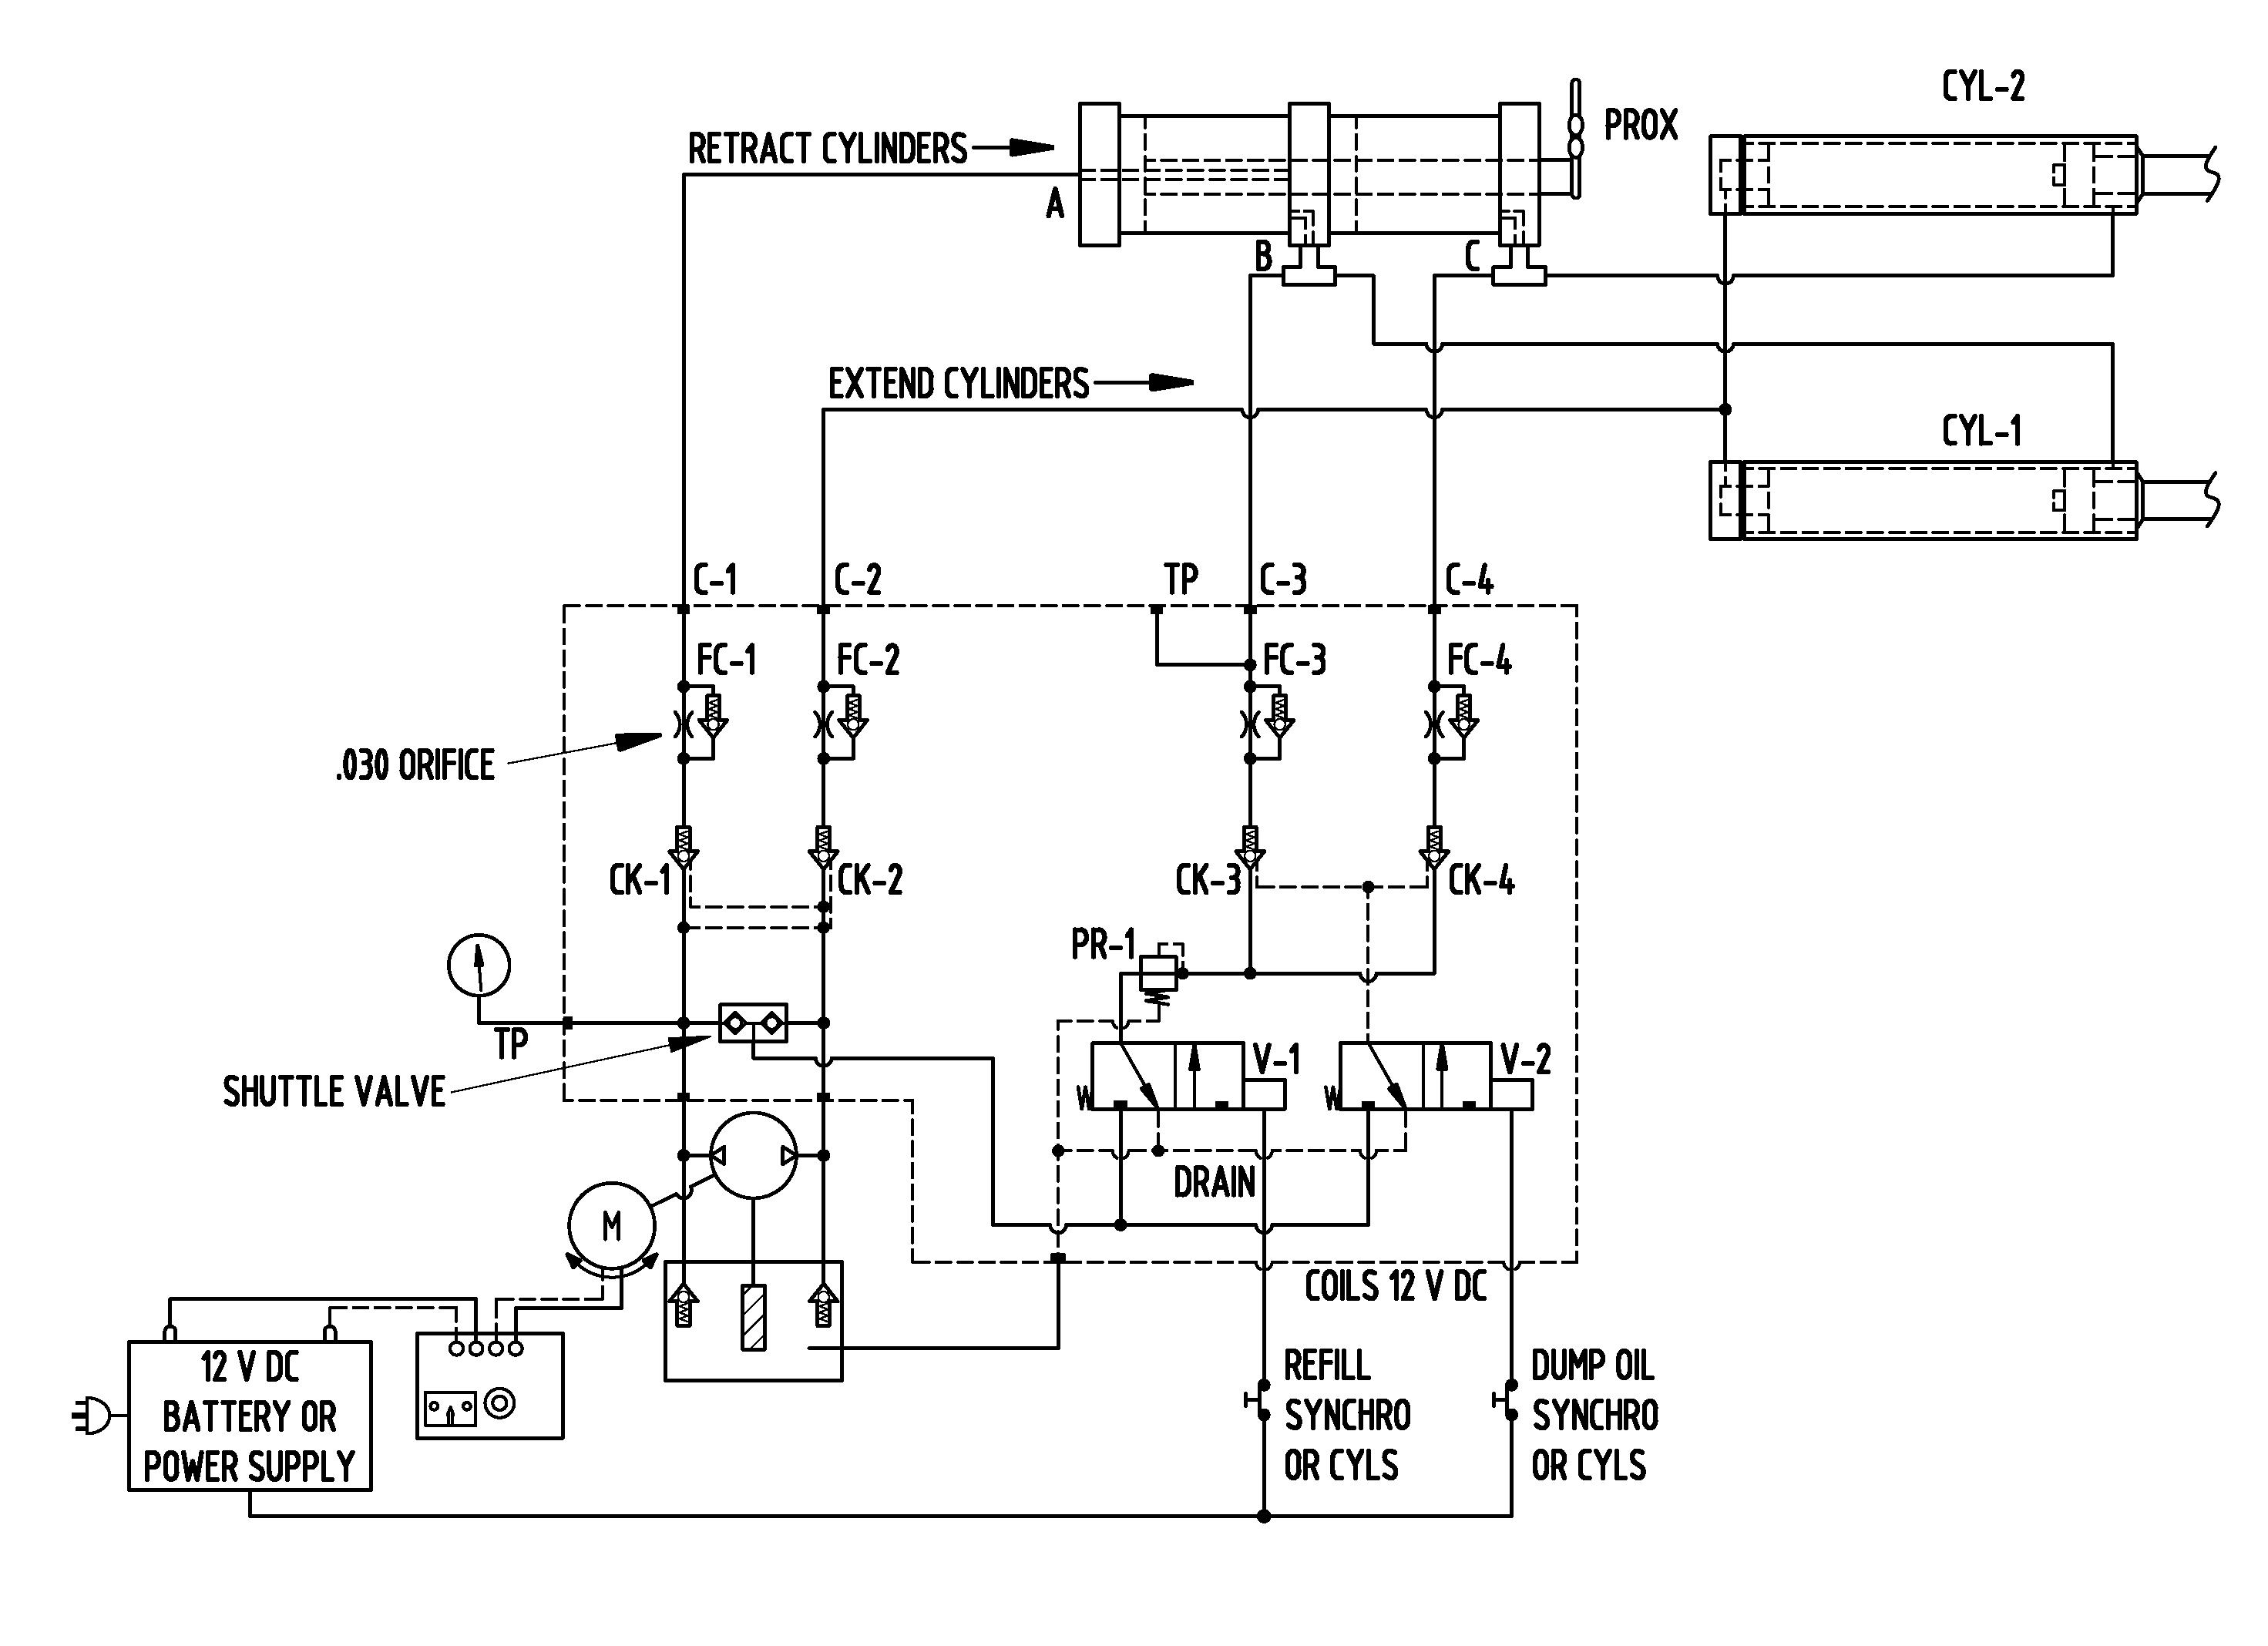 Diagram Spx Hydraulic Control Wiring Diagram Full Version Hd Quality Wiring Diagram Dowiring18 Lasagradellacastagna It